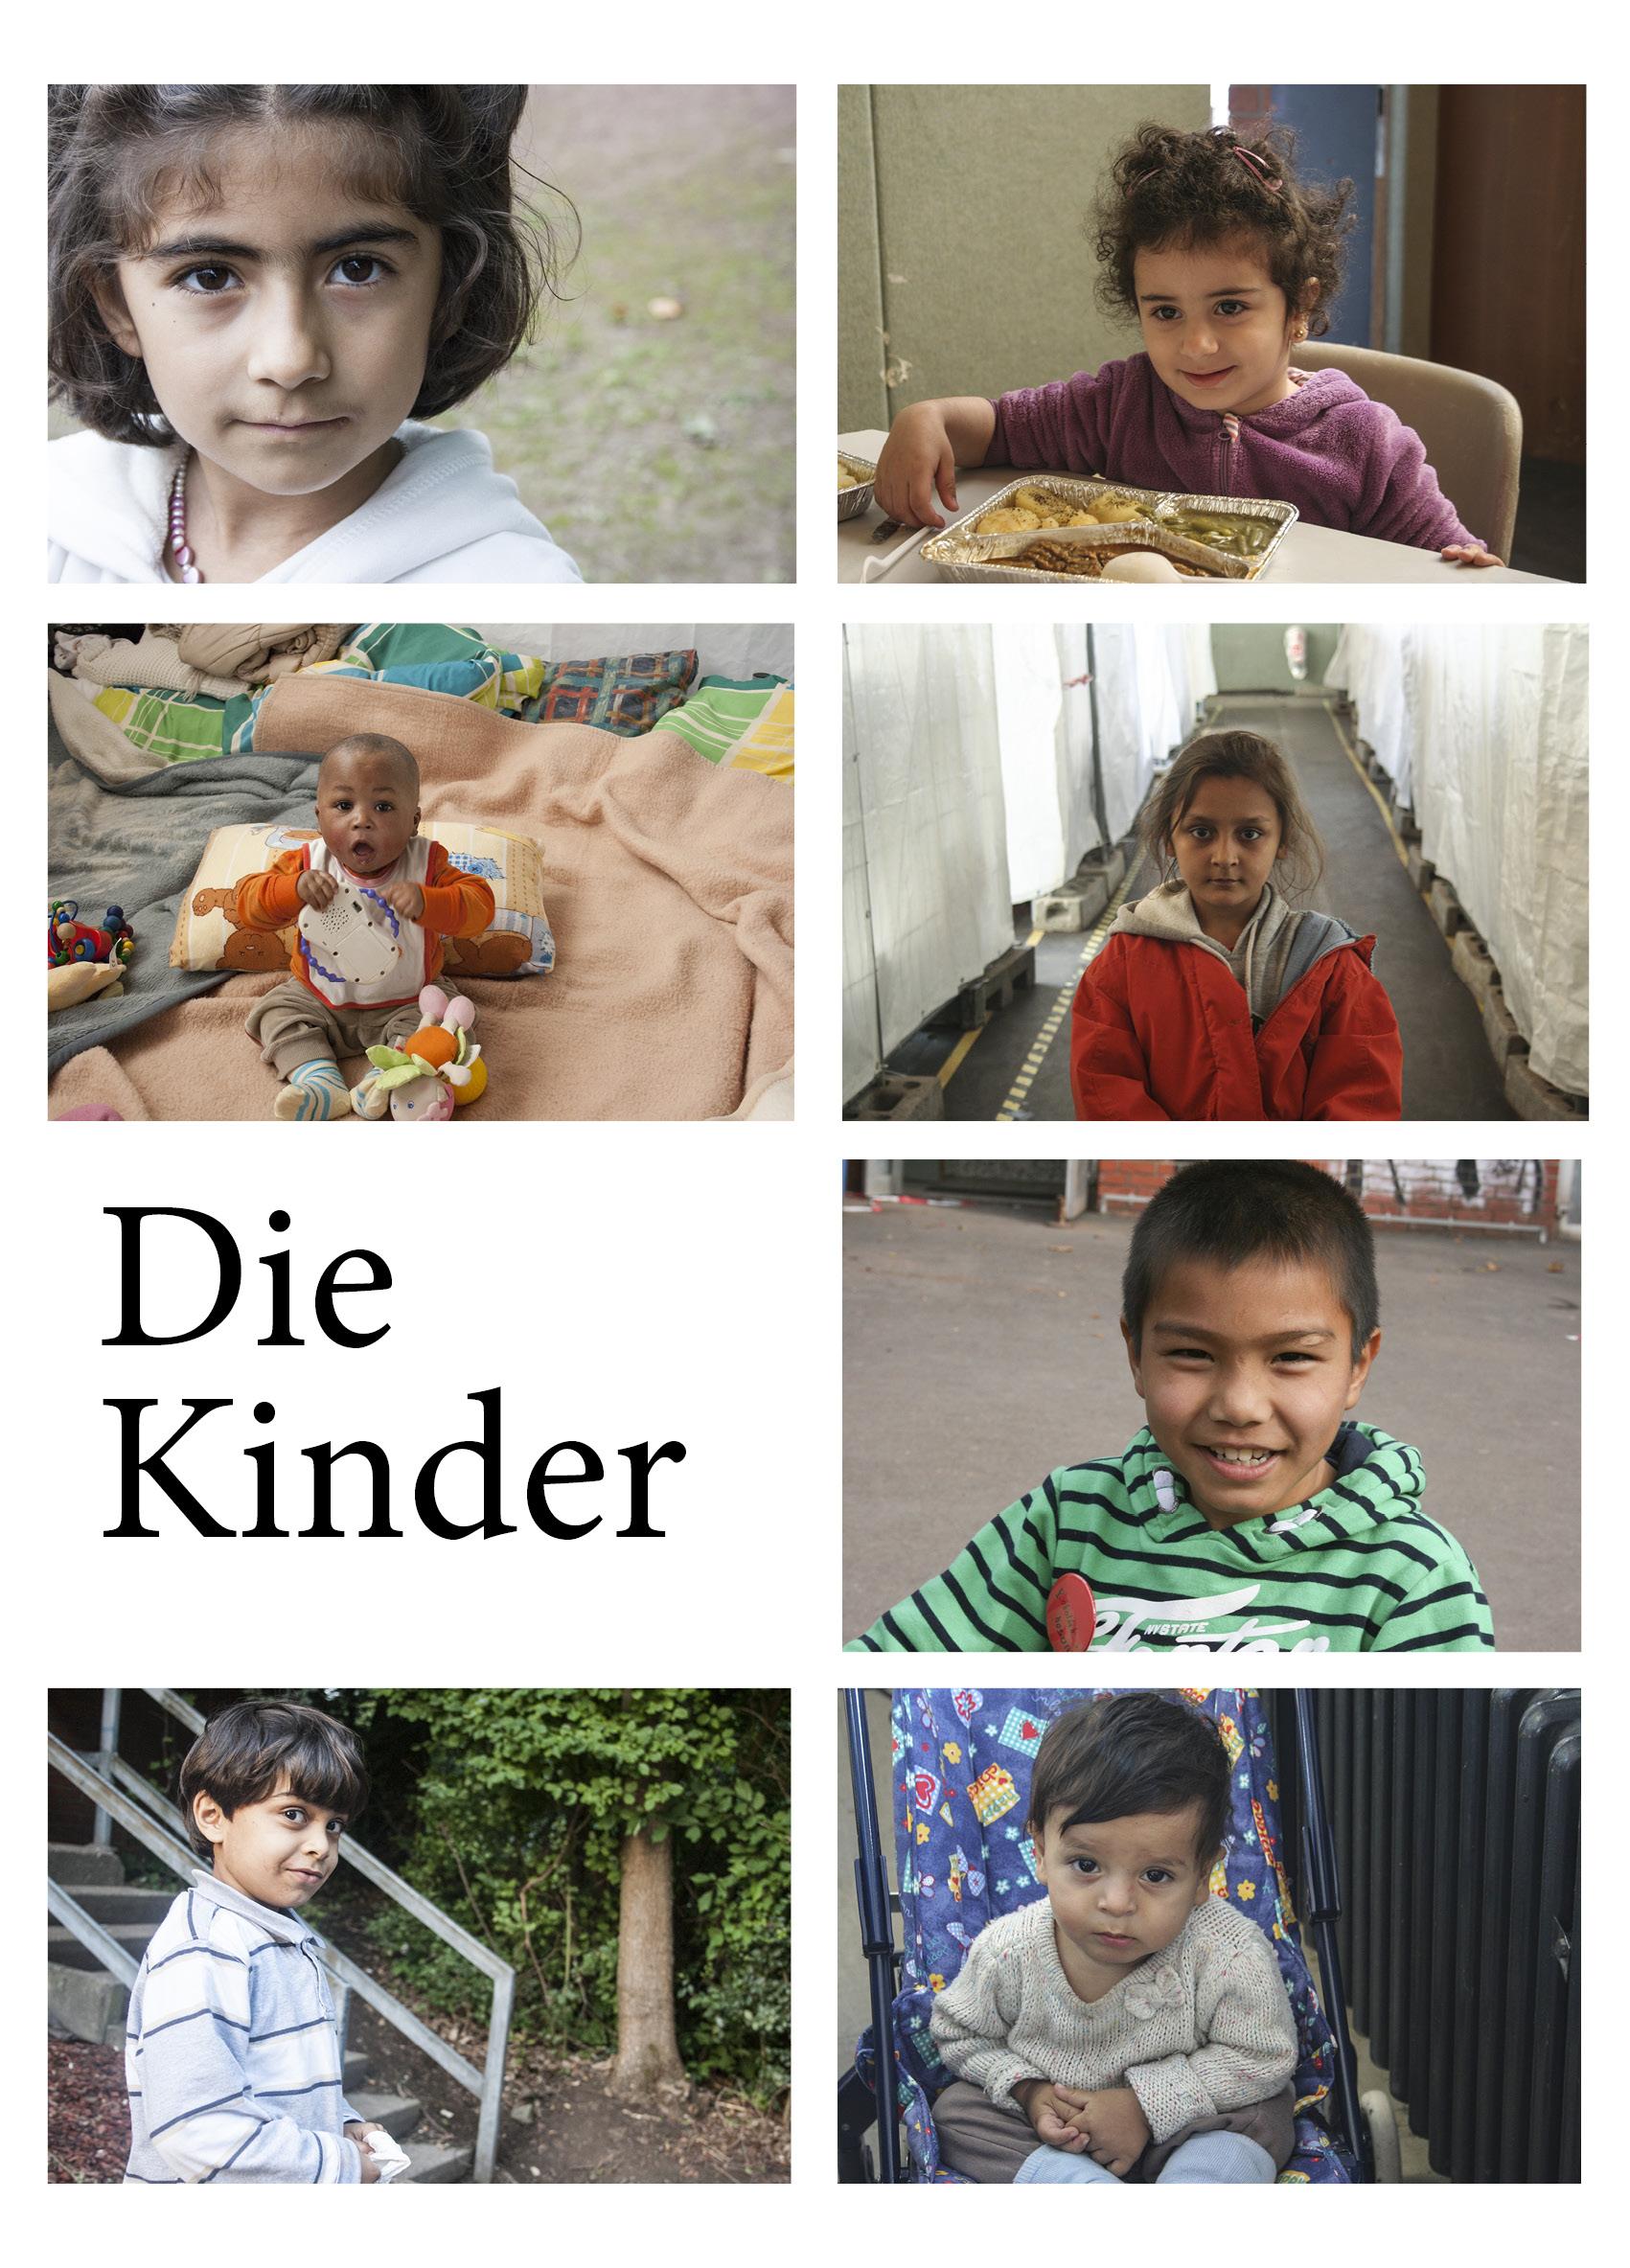 kinder 1